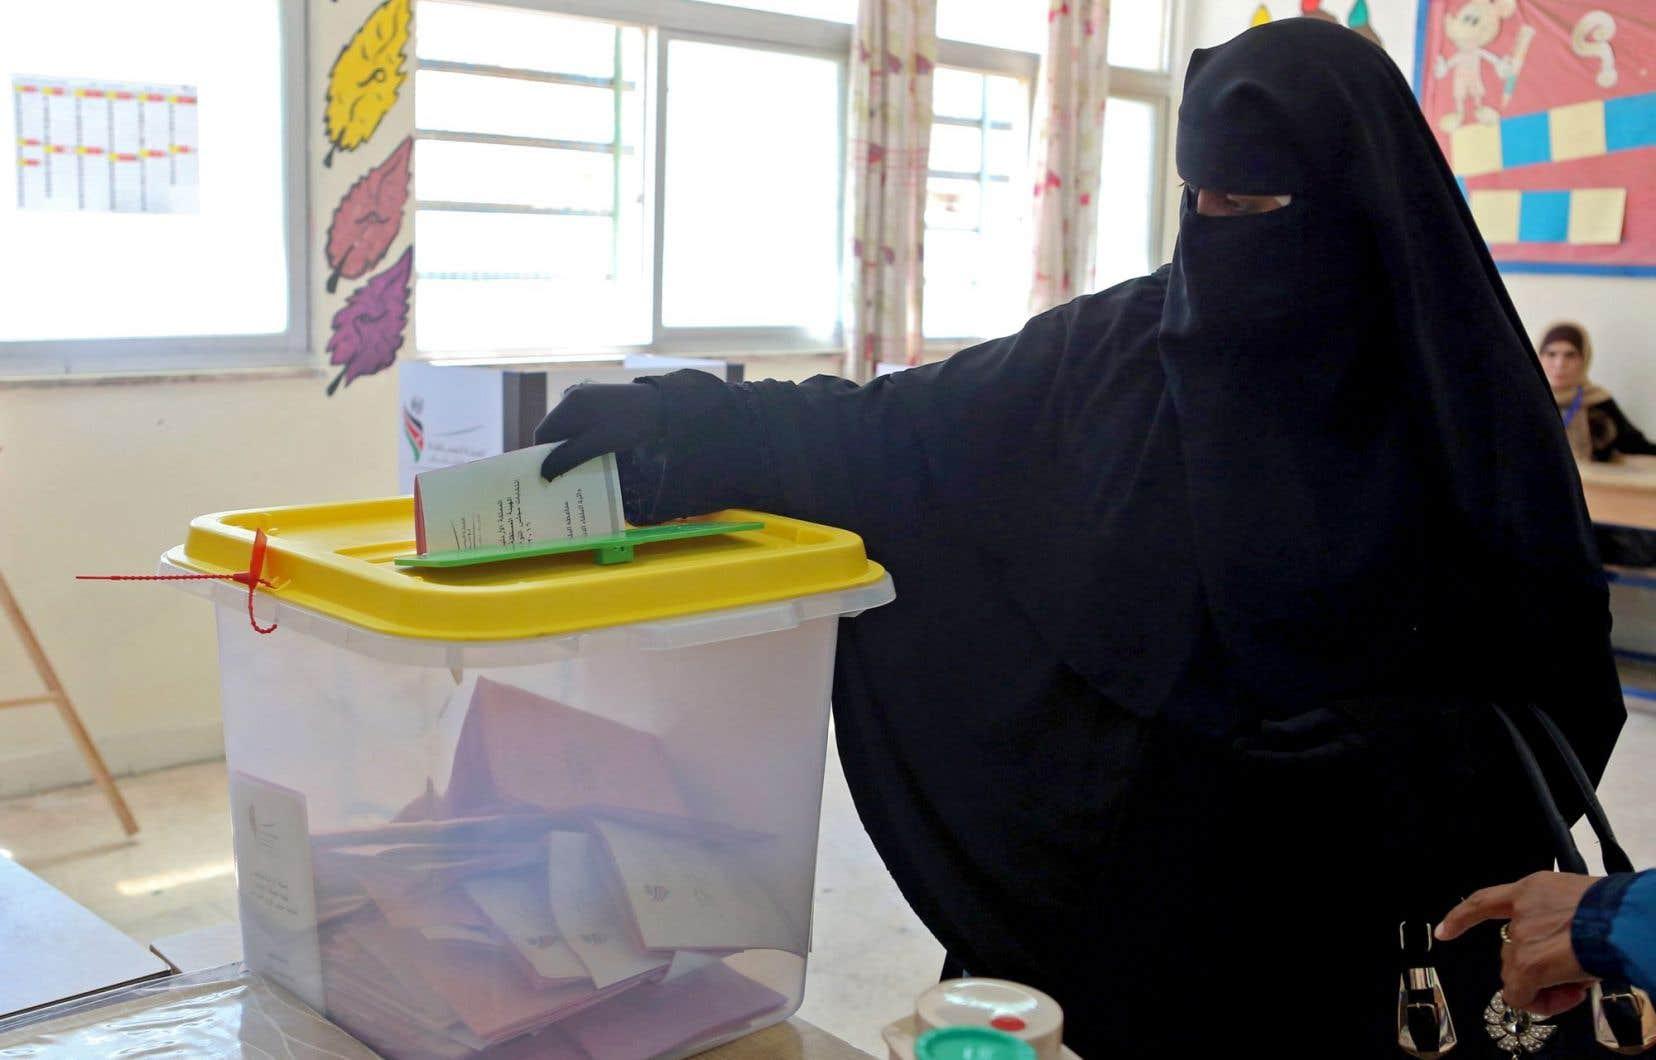 À 19h locales, plus de 1,4million de Jordaniens avaient voté, plus que lors du dernier scrutin de 2013 (1,2million), selon la commission électorale qui n'a pas communiqué le taux de participation.